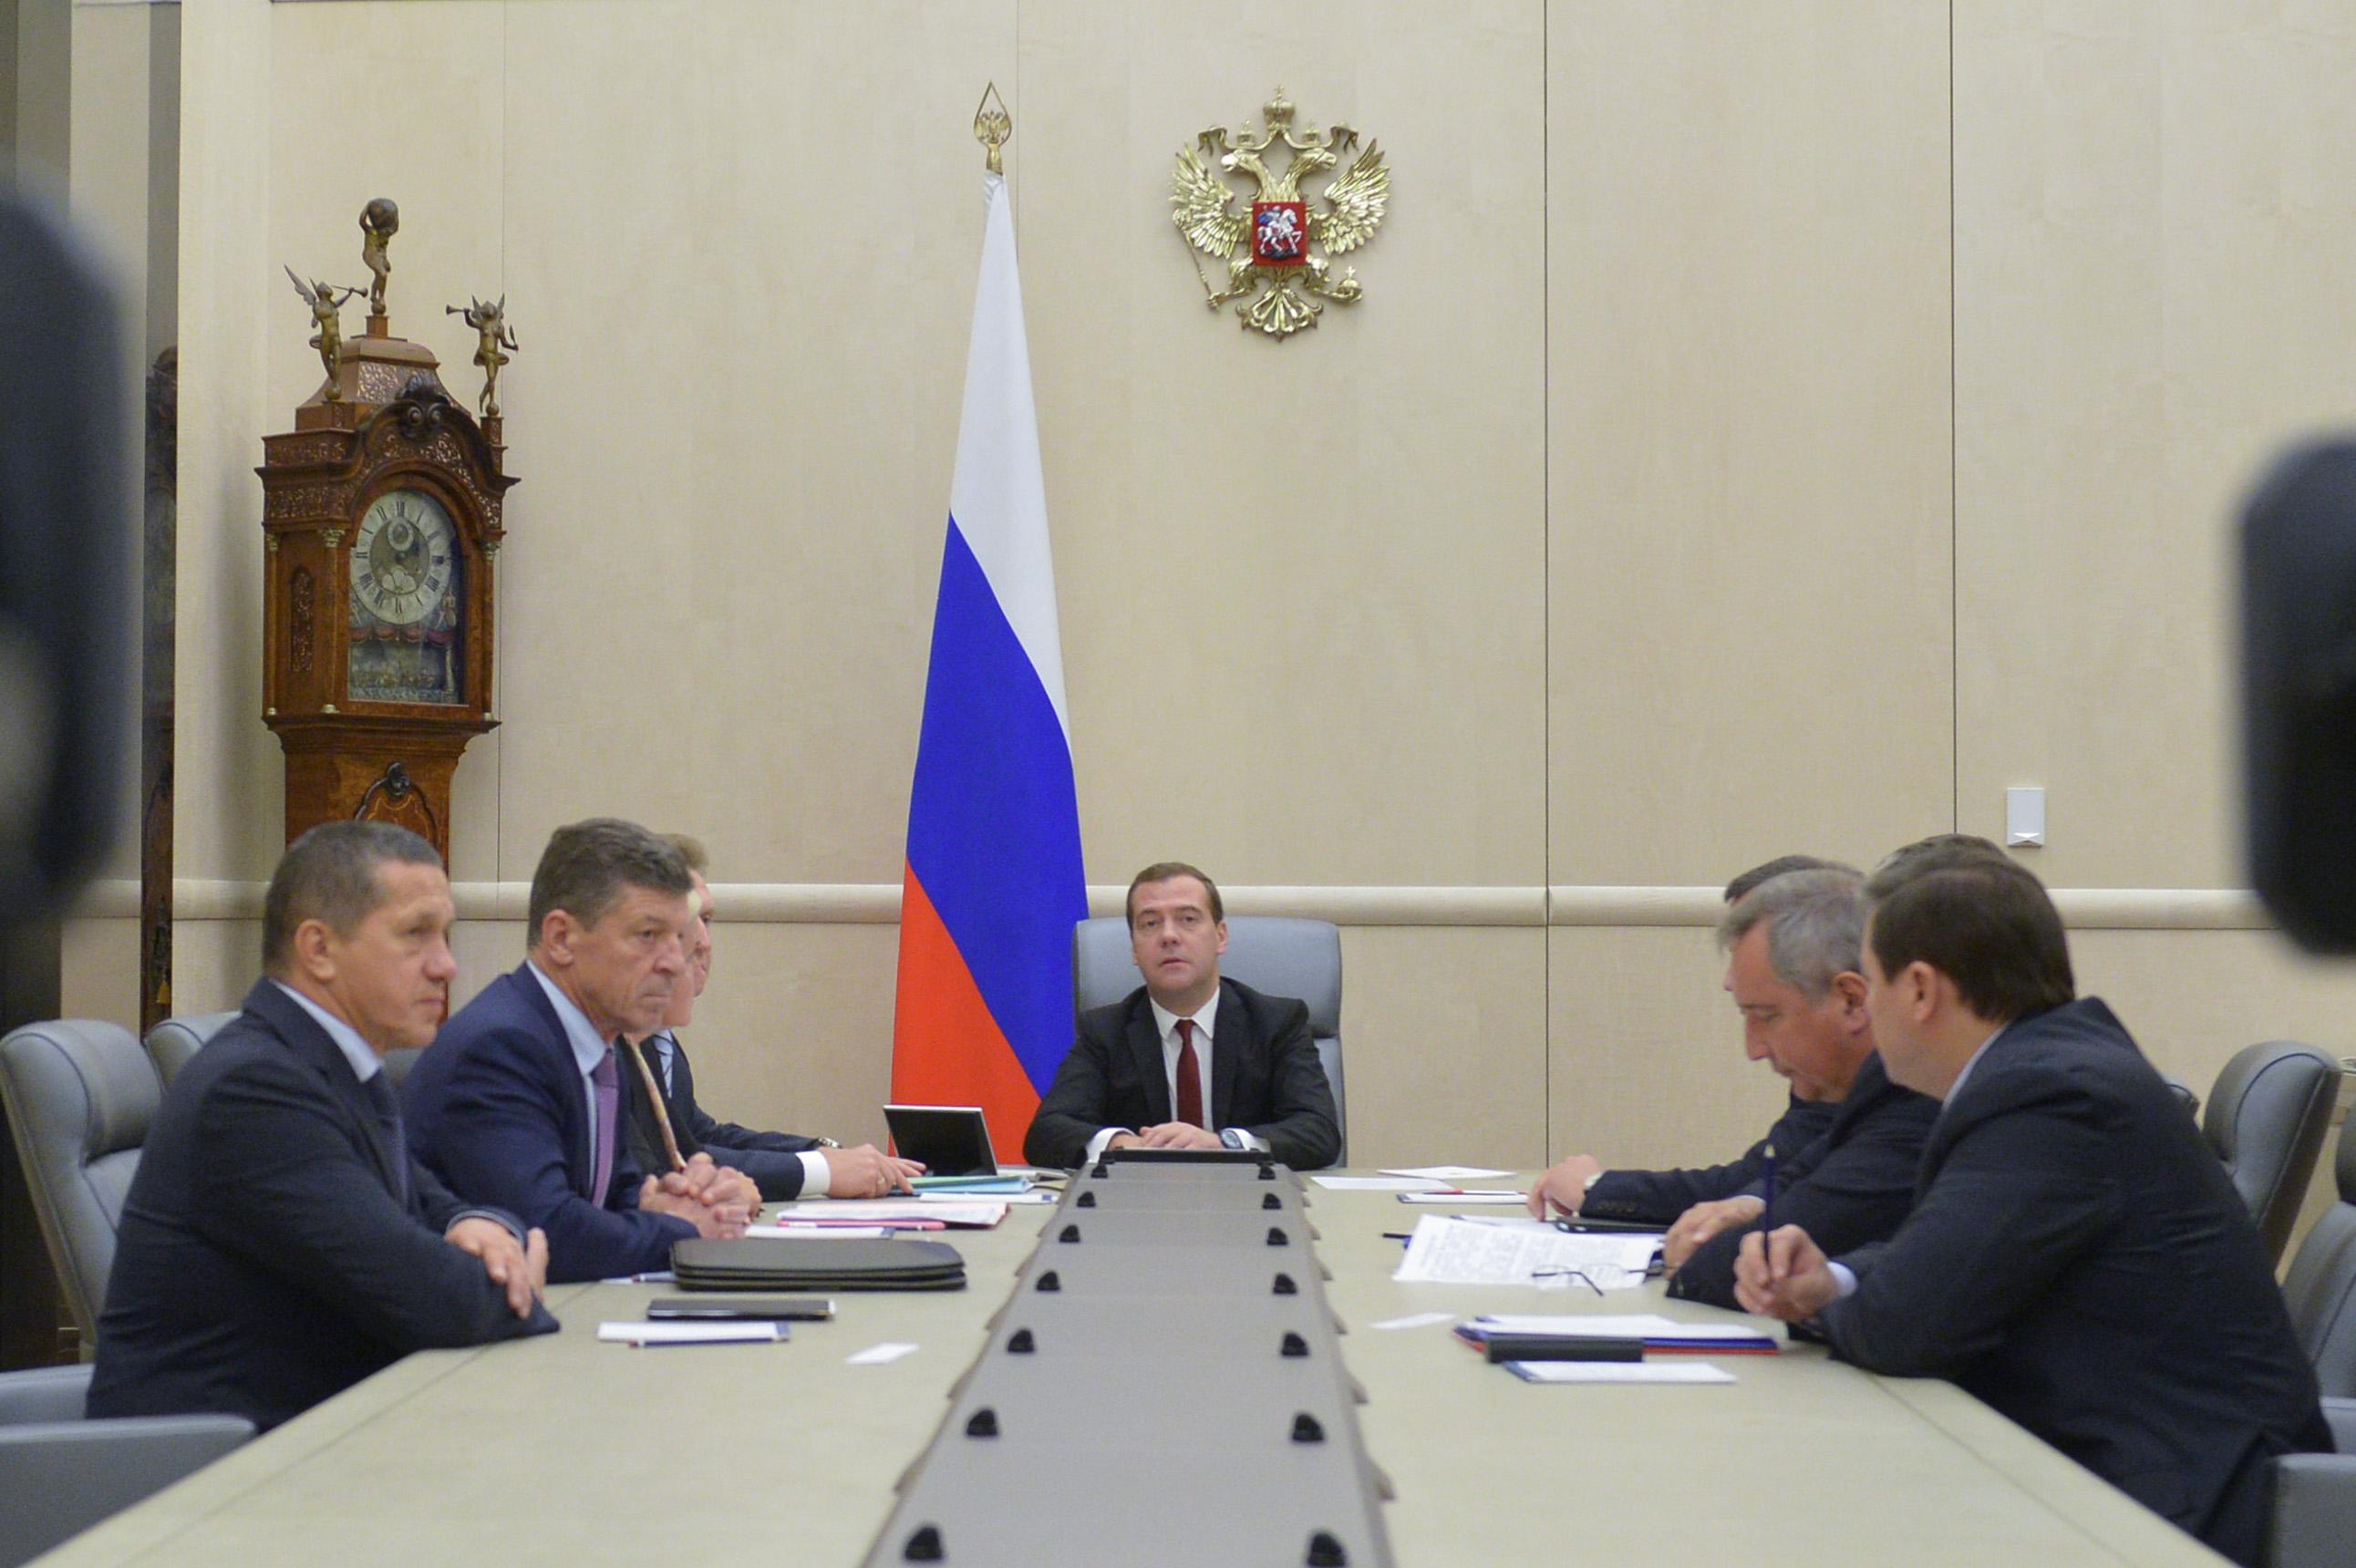 Дмитрий Медведев на совещании с вице-премьерами РФ